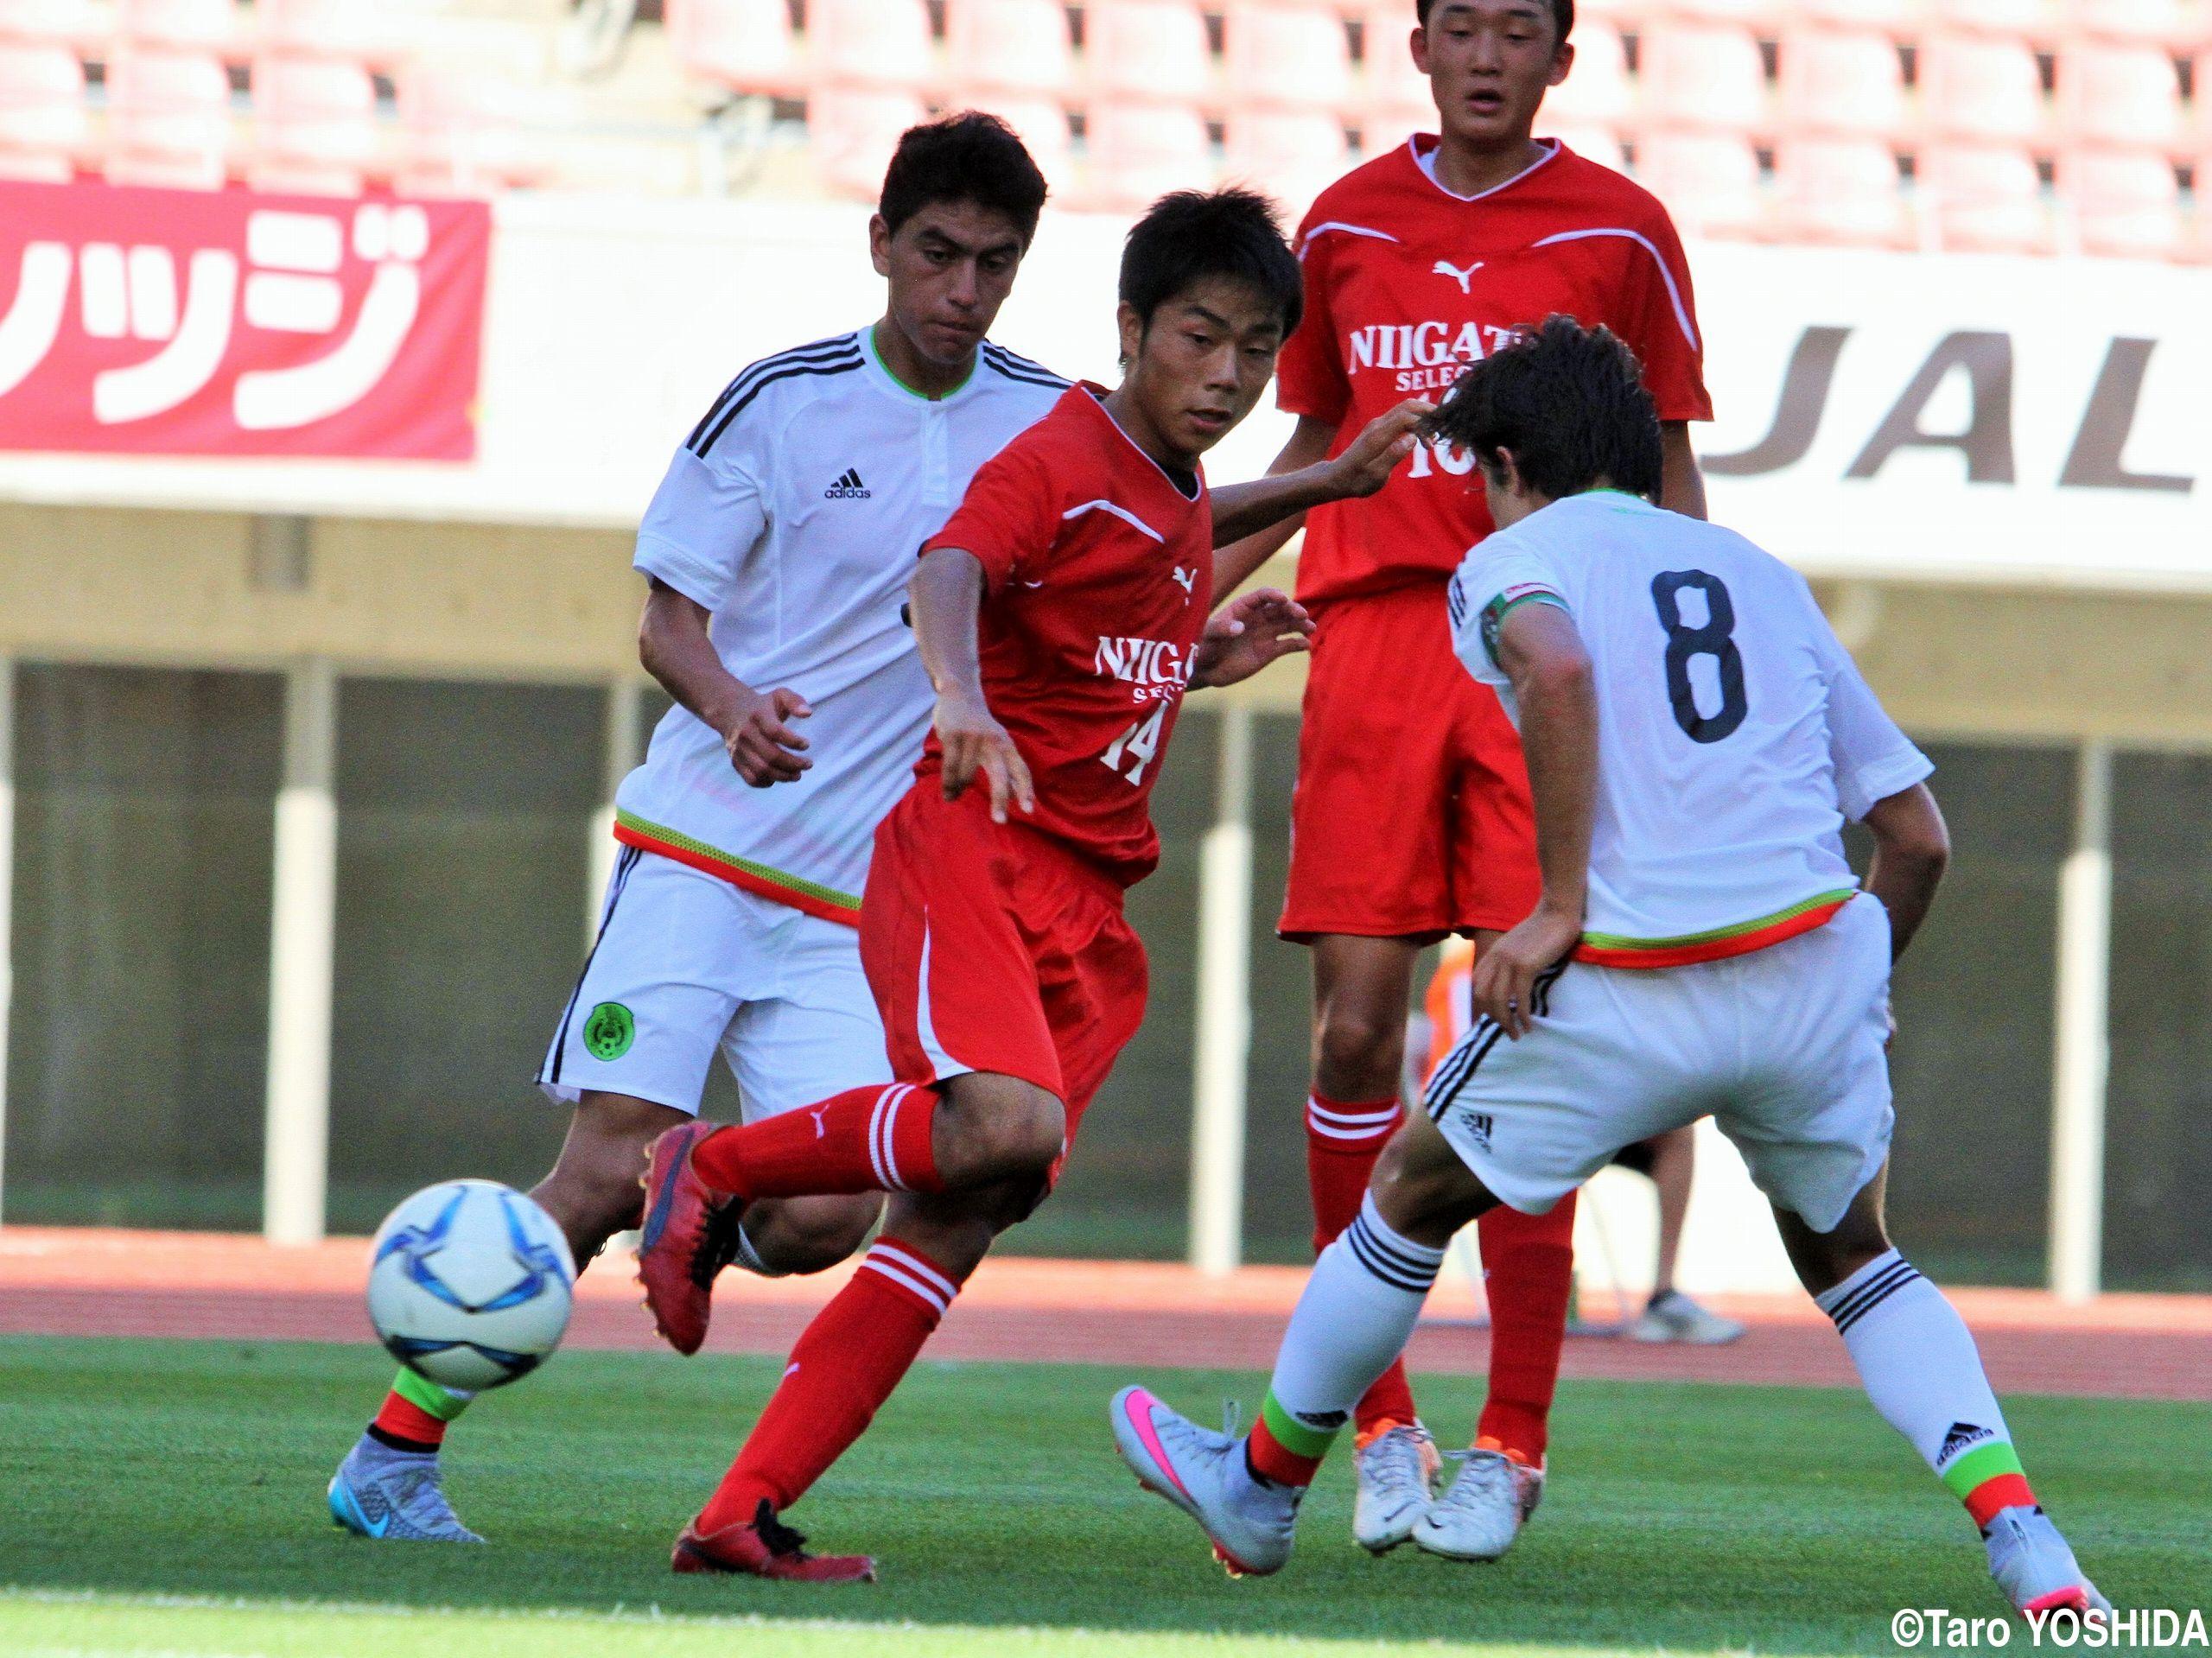 [国際ユースサッカーin新潟]メキシコに0-3敗戦も、最後までレベルアップ続けたU-17新潟選抜